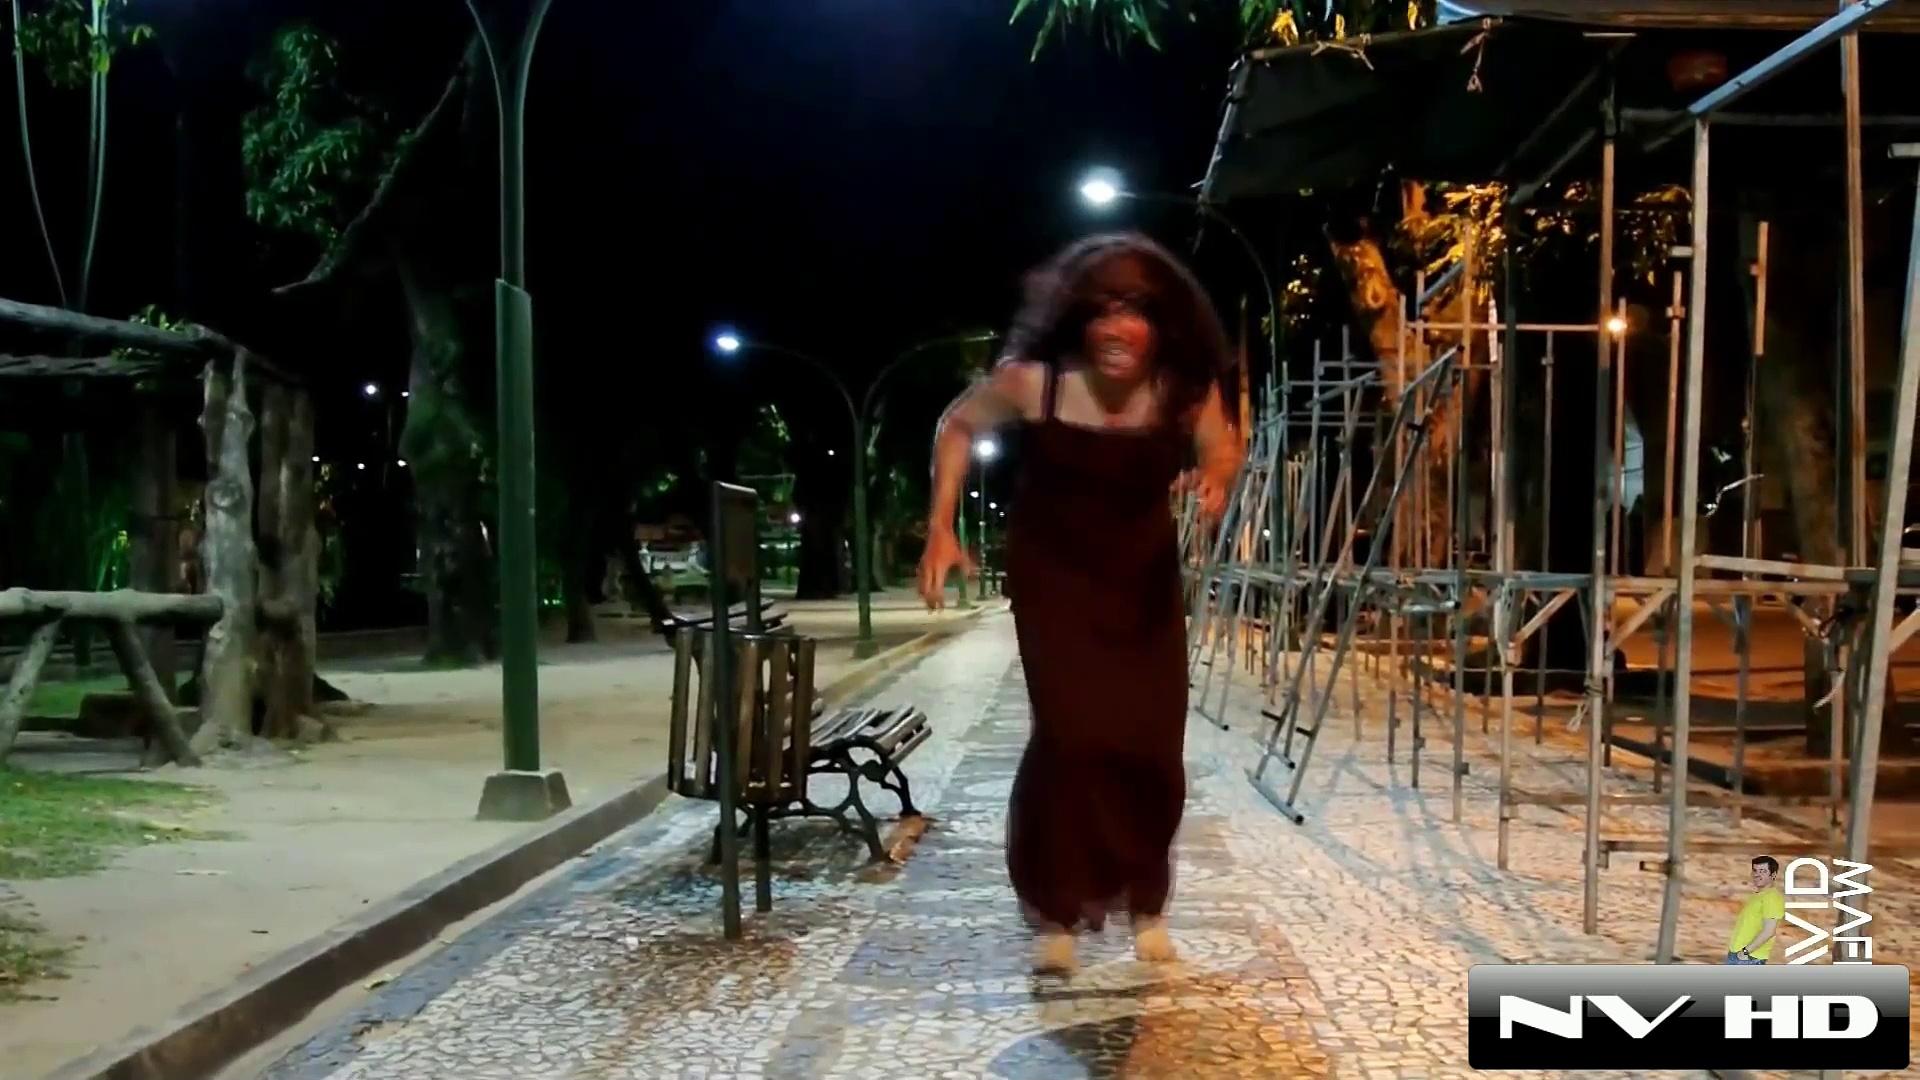 Ultimate Horror Pranks Compilation 2014 – Chasing Pranks – Murder Pranks – scary pranks !